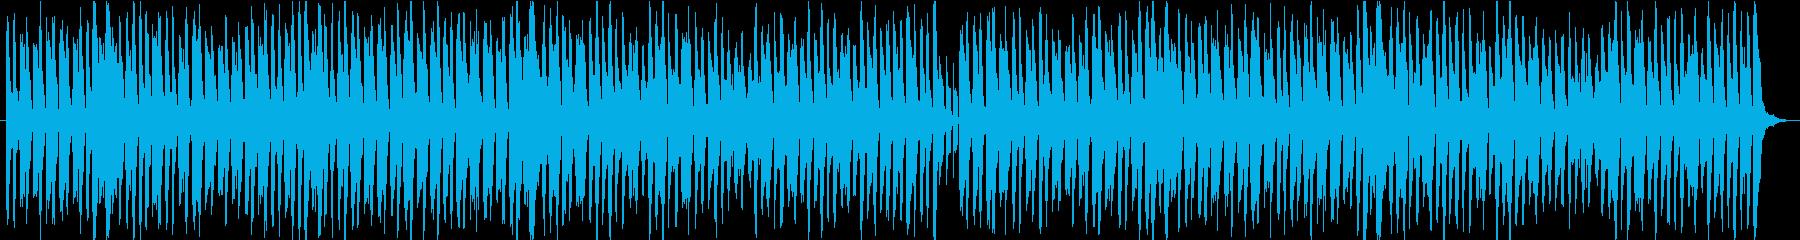 レトロ・コメディ・優雅なスウィングの再生済みの波形